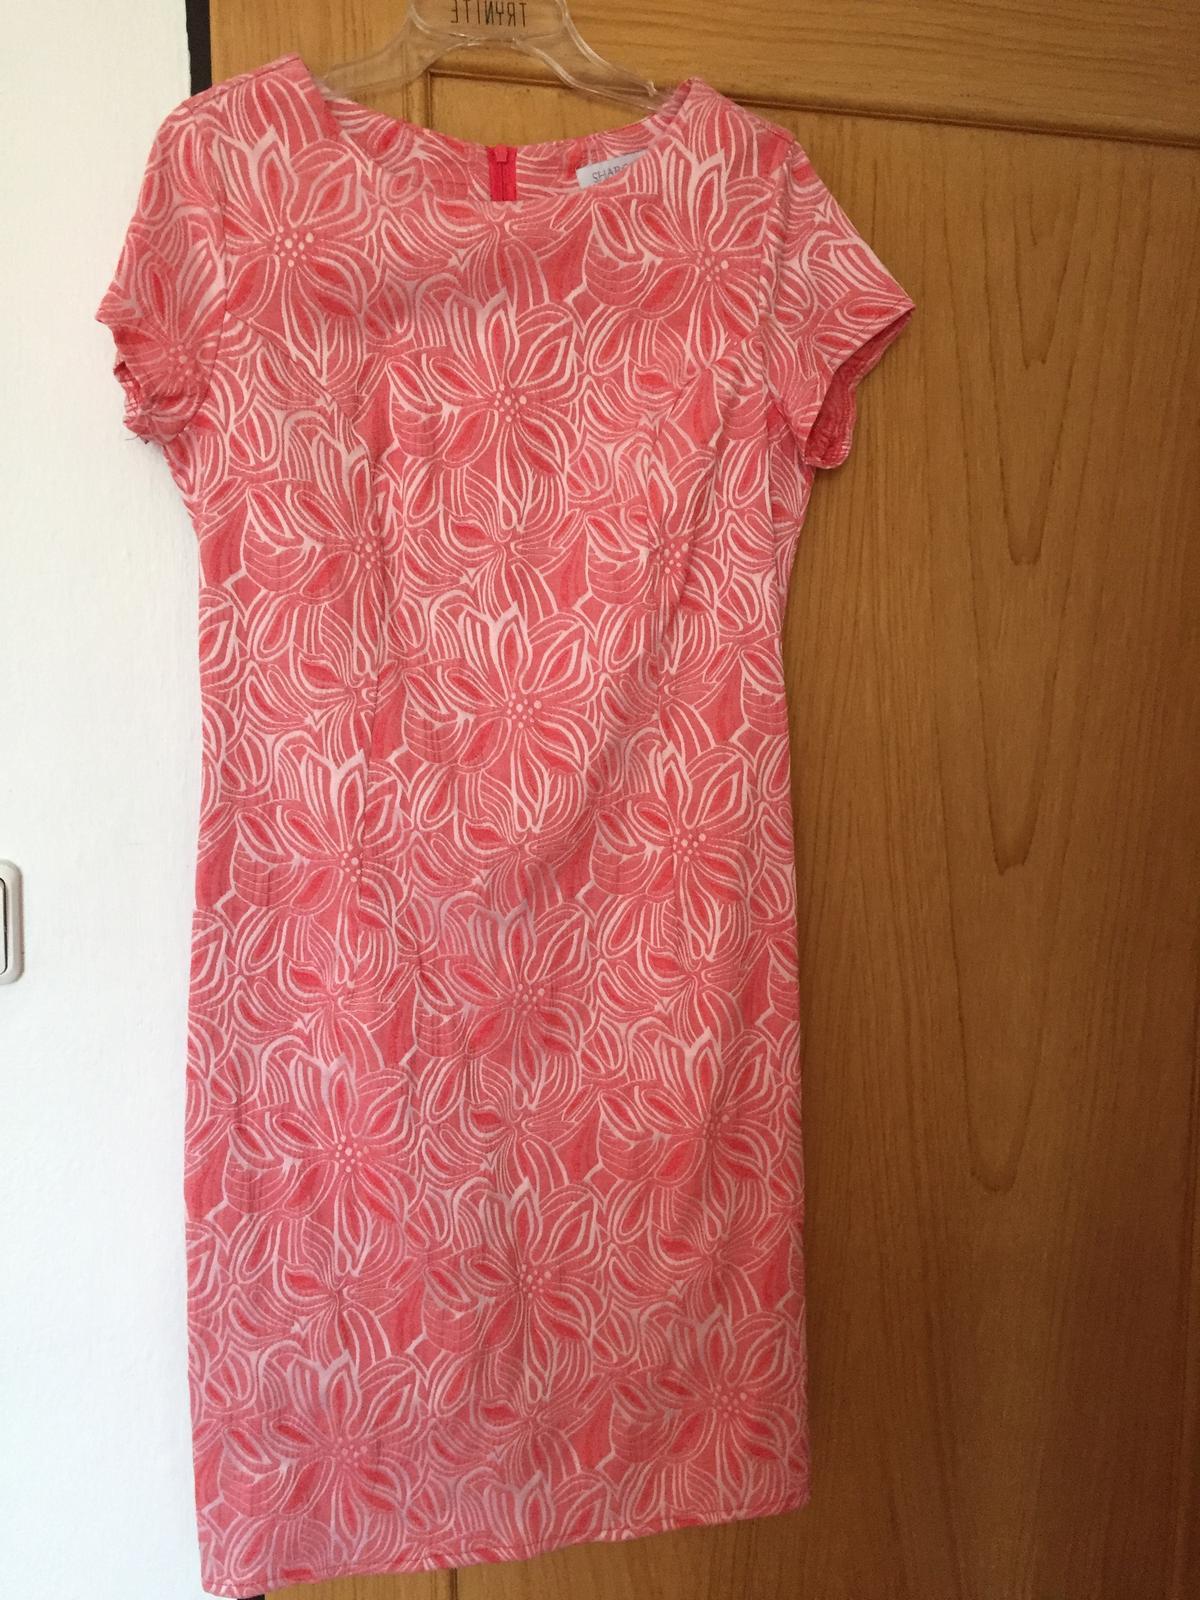 šaty lososové - Obrázek č. 1